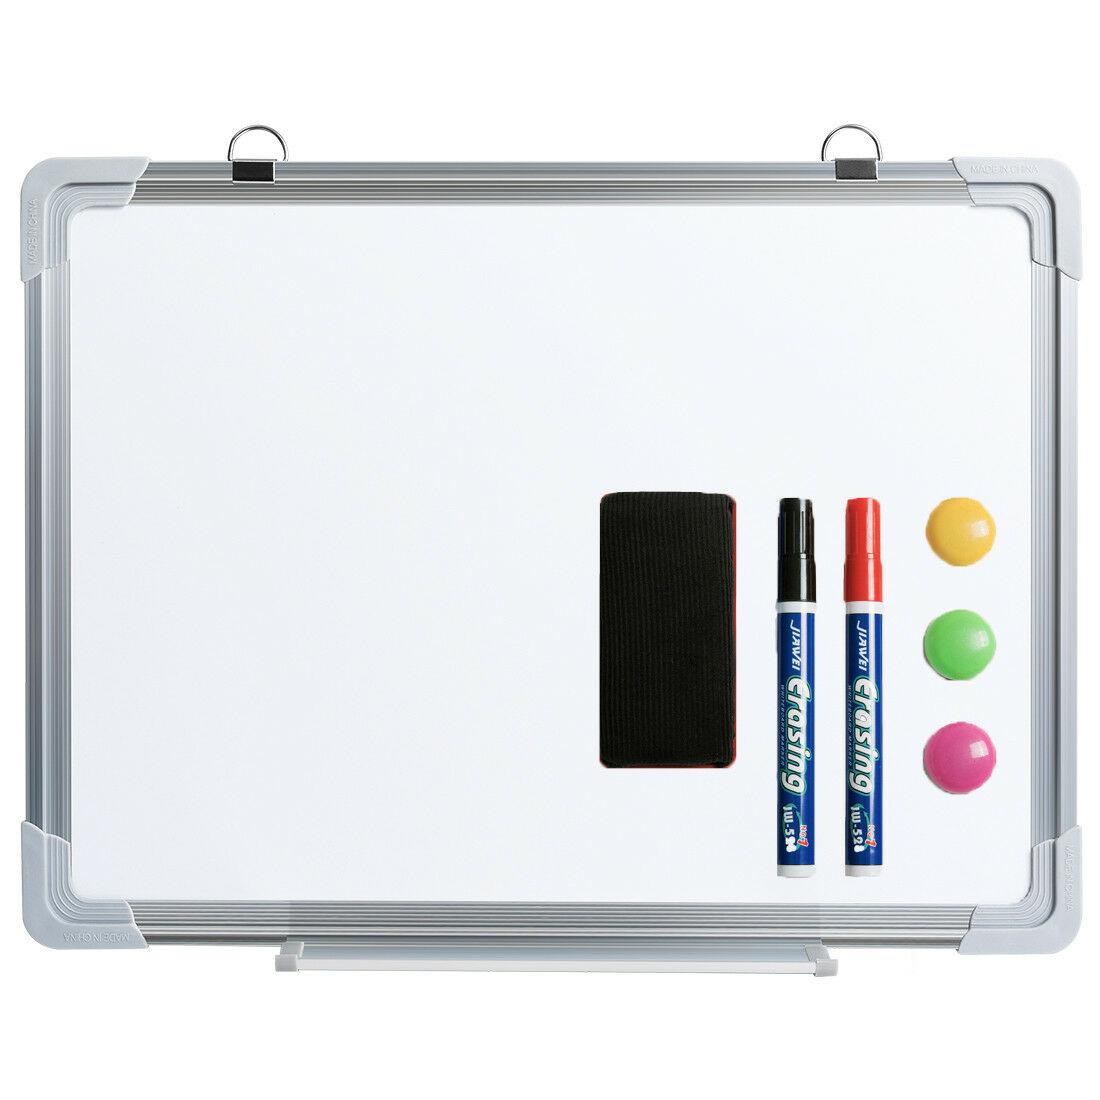 Dry Erase Price 13 99 Whiteboard Eraser Dry Erase Board Eraser